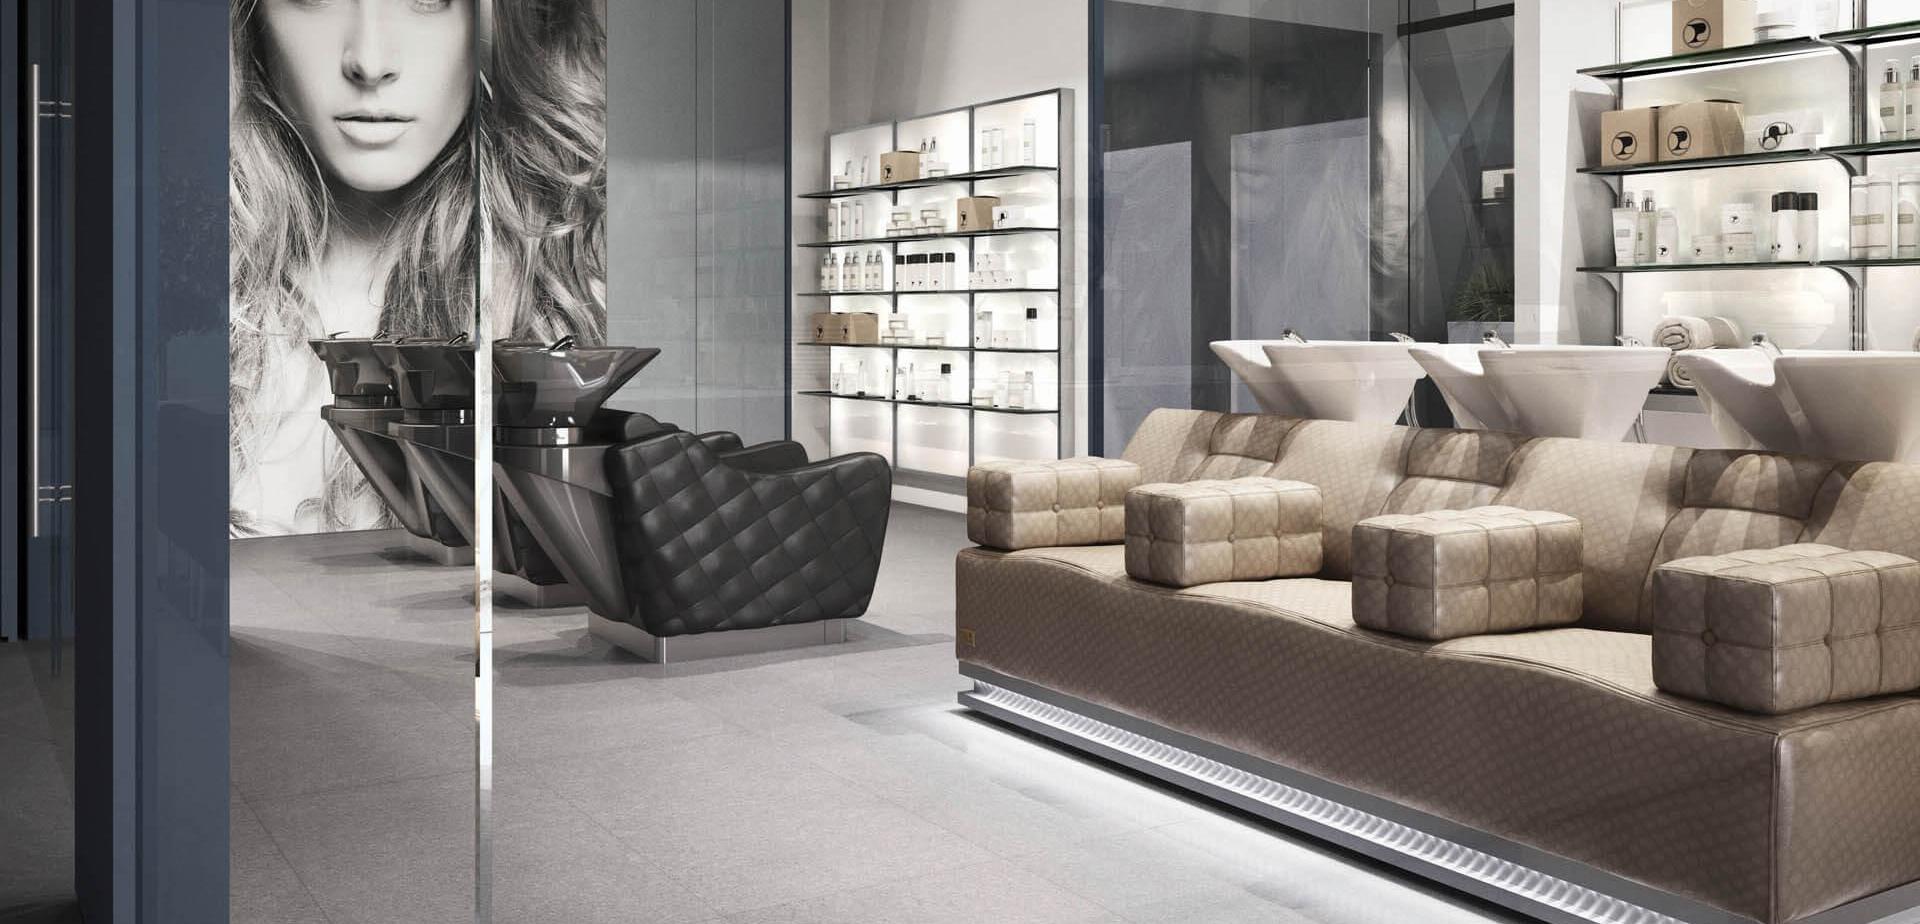 Прямая доставка  оборудования и мебели от эксклюзивных Итальянских производителей